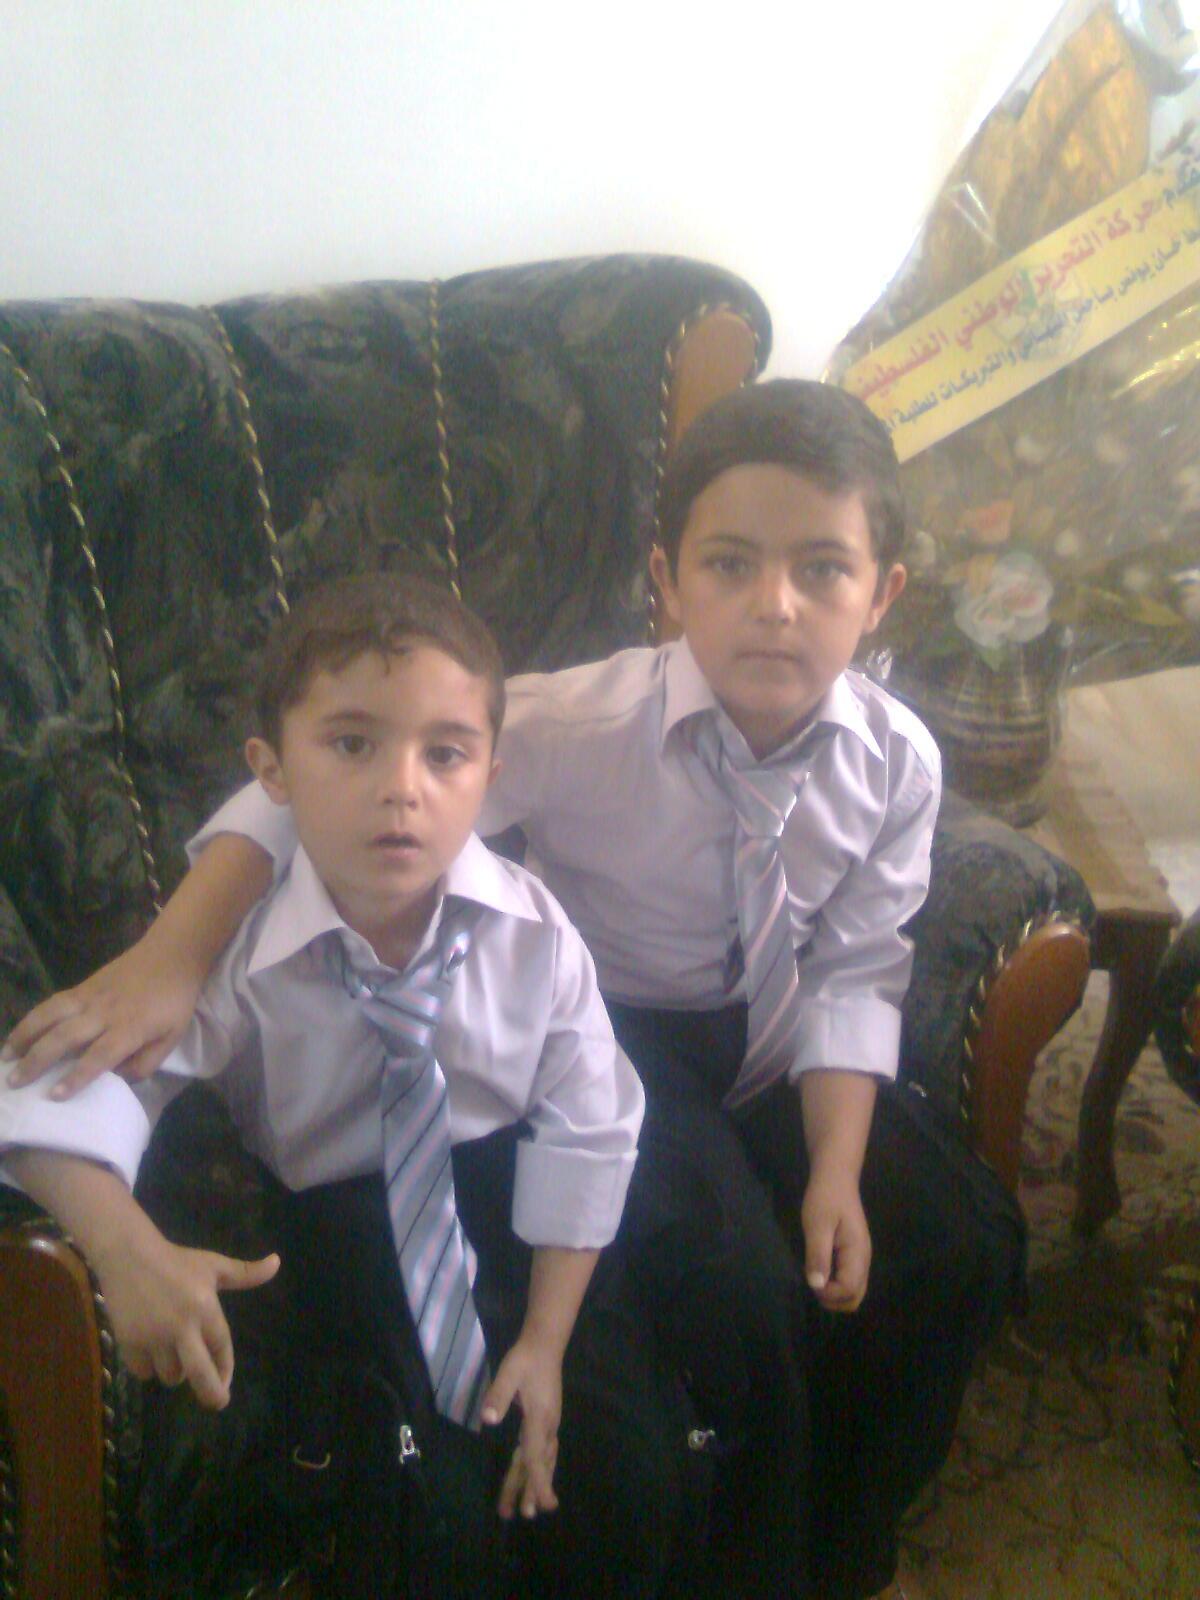 أيمن محمد الفرا & عبد الرحيم محمد الفرا